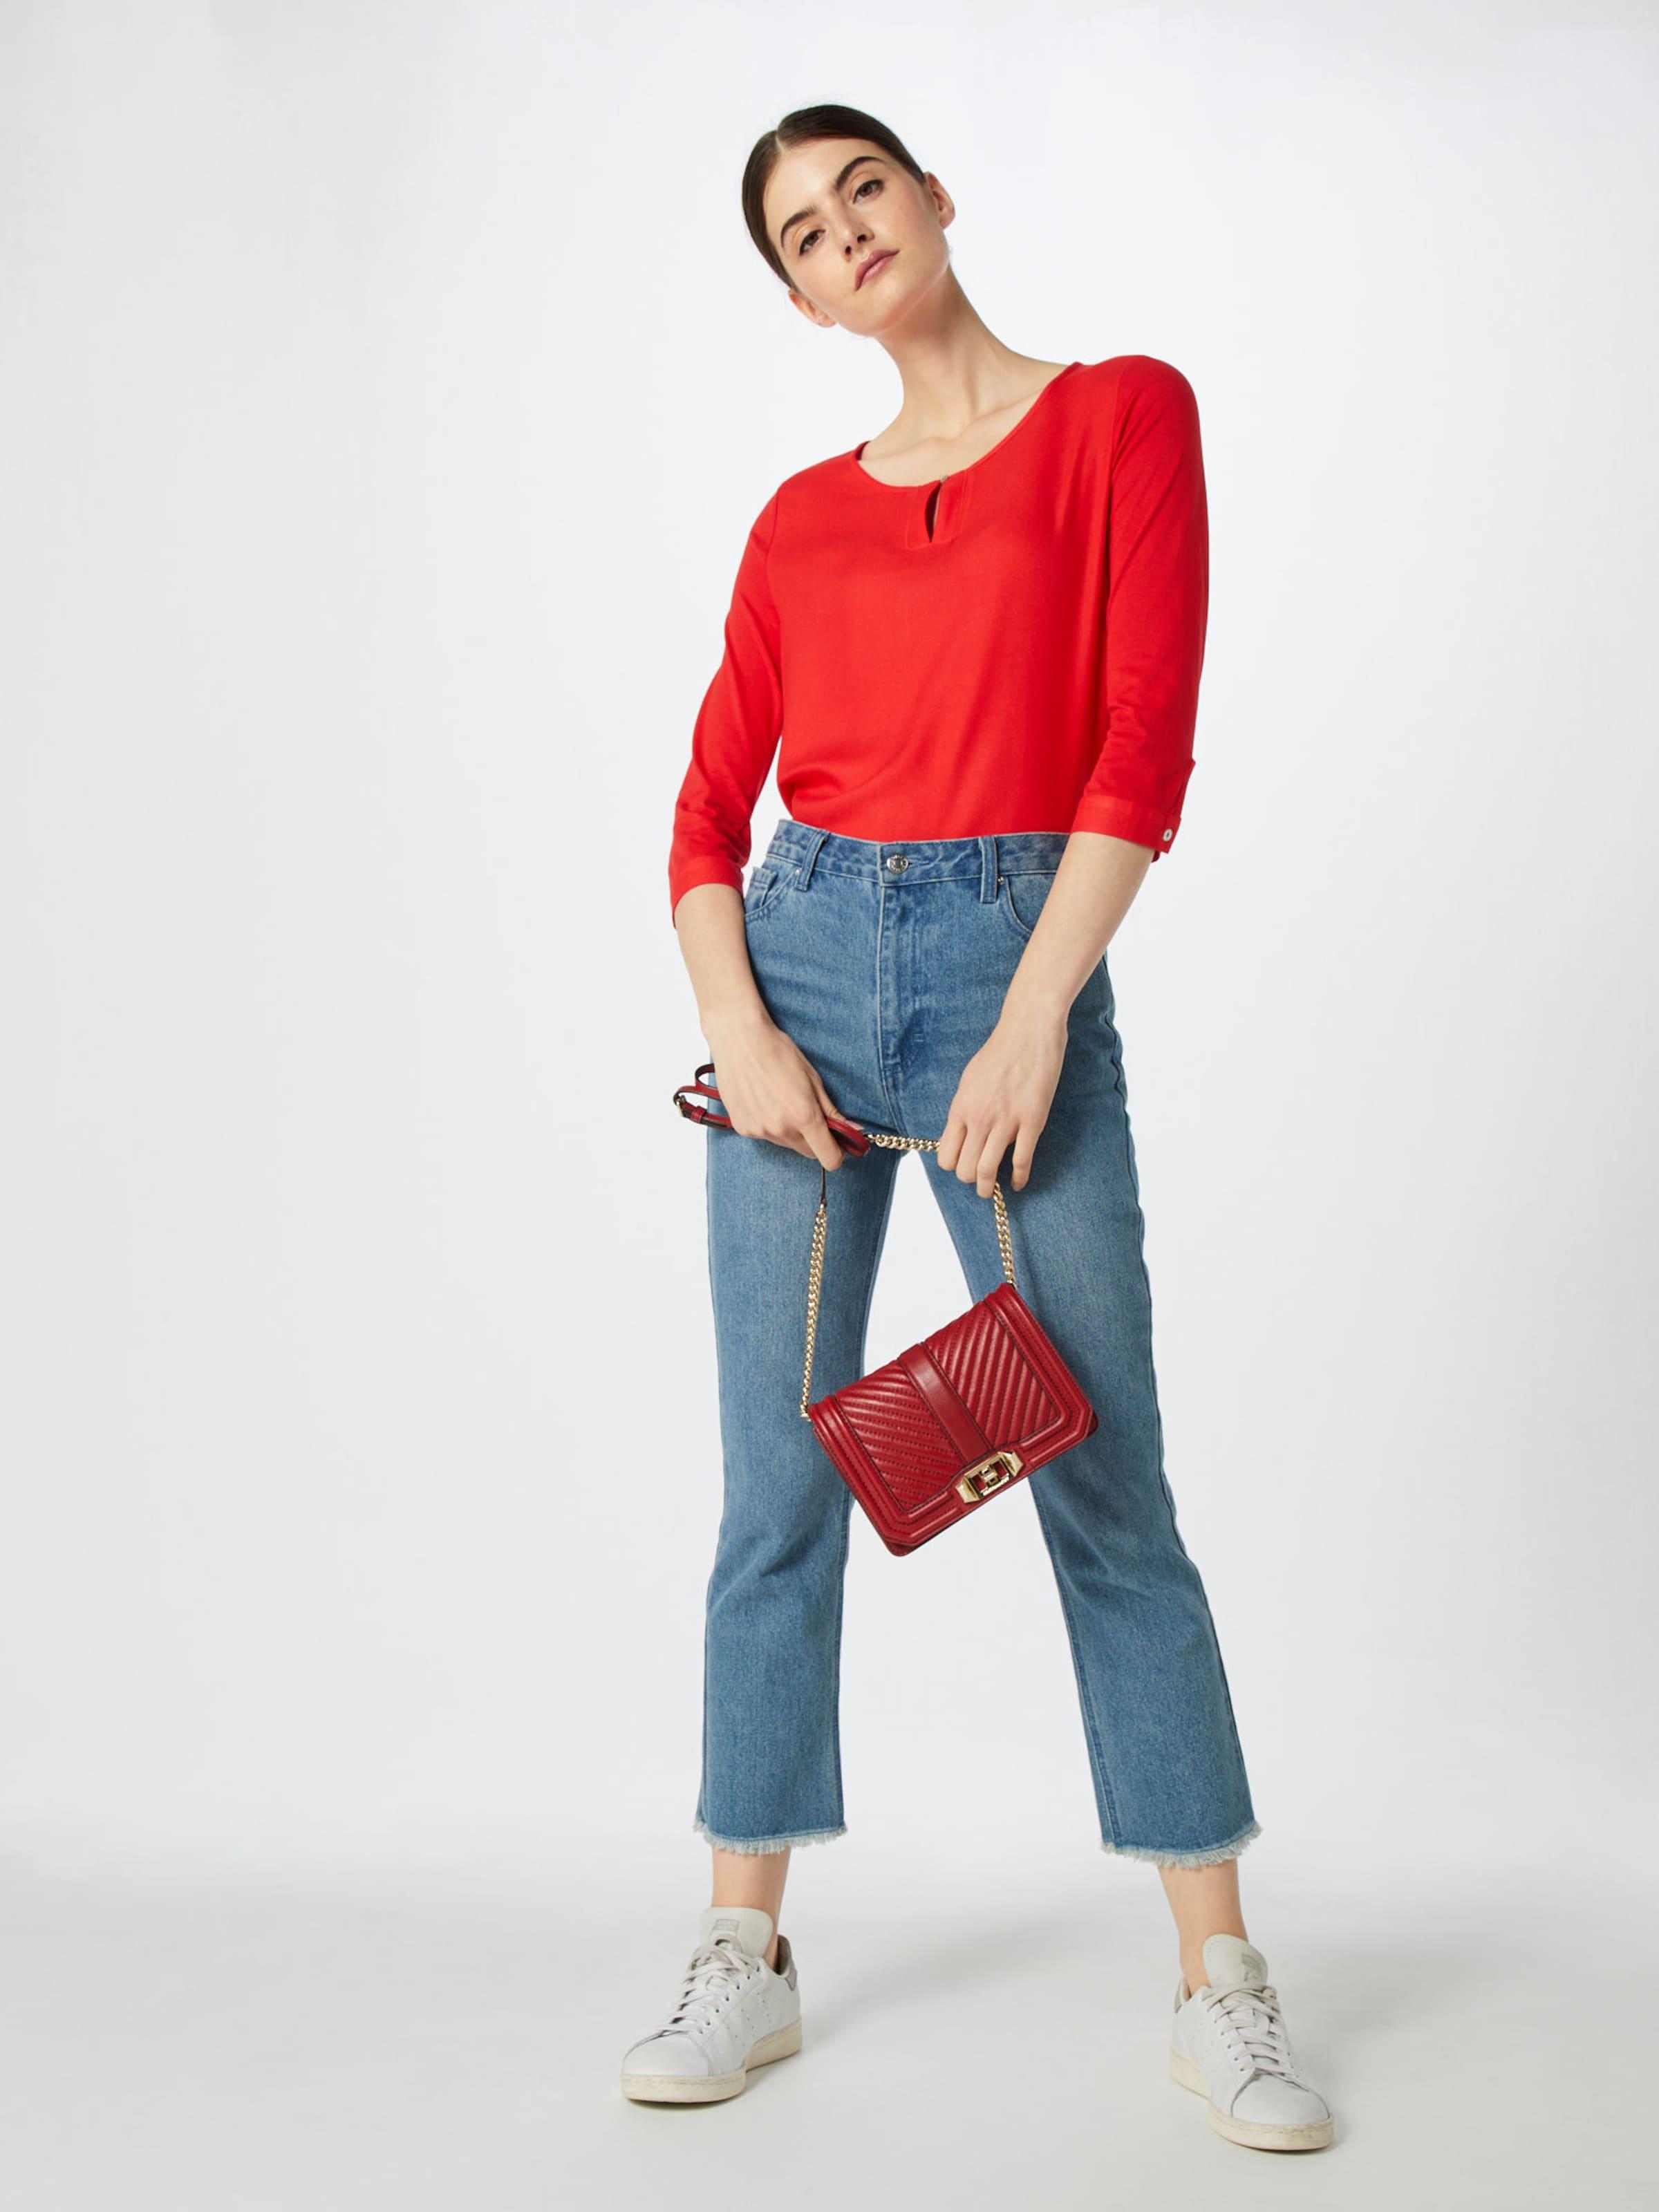 Tailor Feu shirt En T Rouge Tom IYvfm76gyb